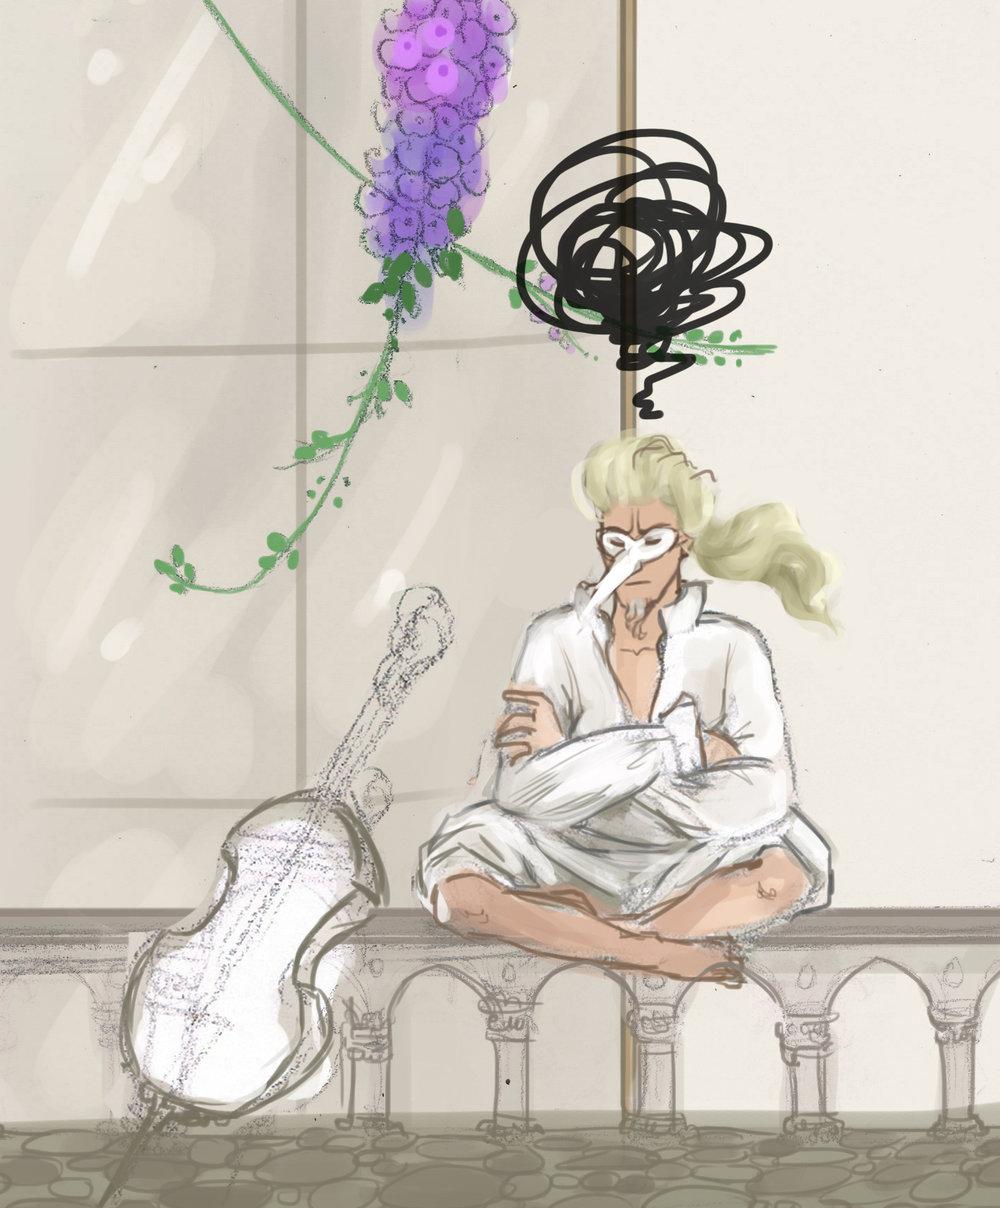 Este músico es precisamente un boceto inacabado, de un proyecto en stand-by, y he pensado que venia perfecto para el post!